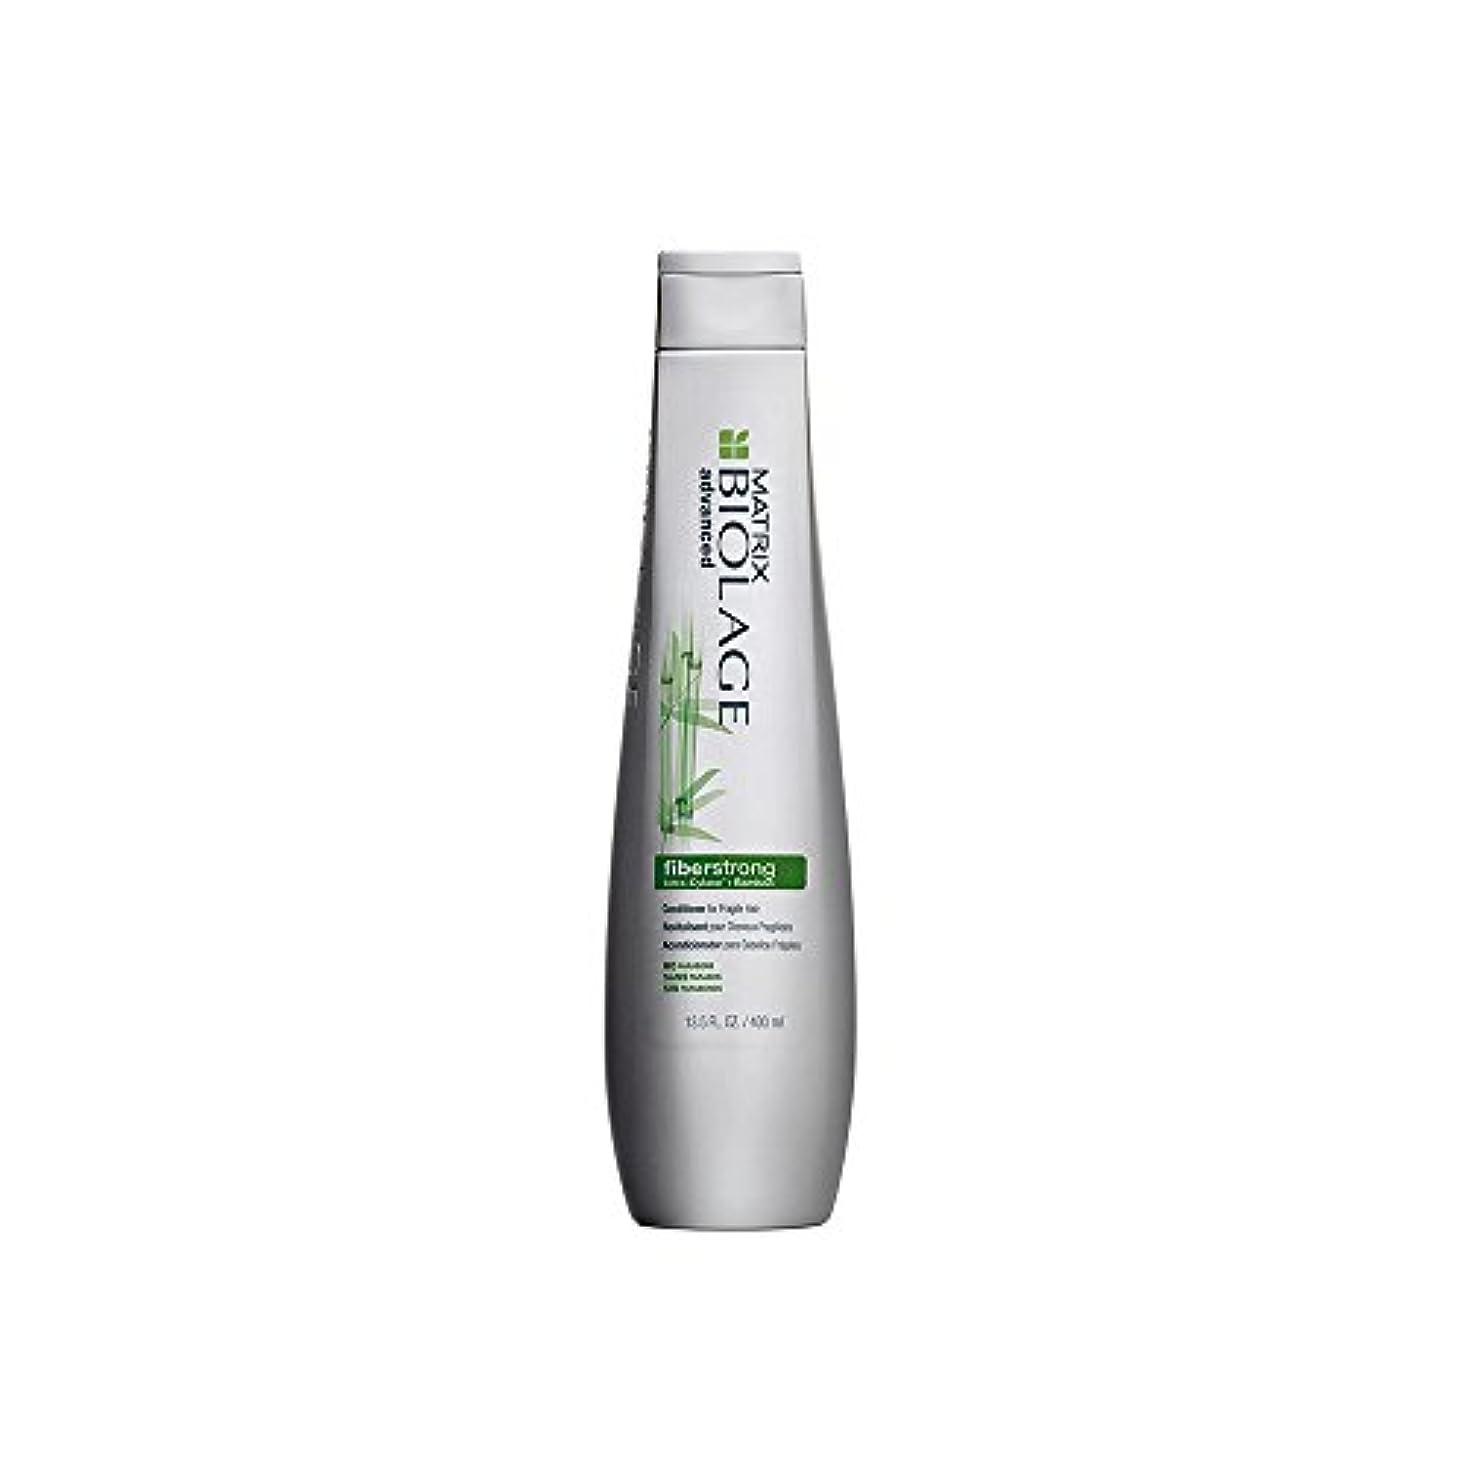 猫背塩前任者マトリックス Biolage Advanced FiberStrong Conditioner (For Fragile Hair) 1732272 400ml [海外直送品]